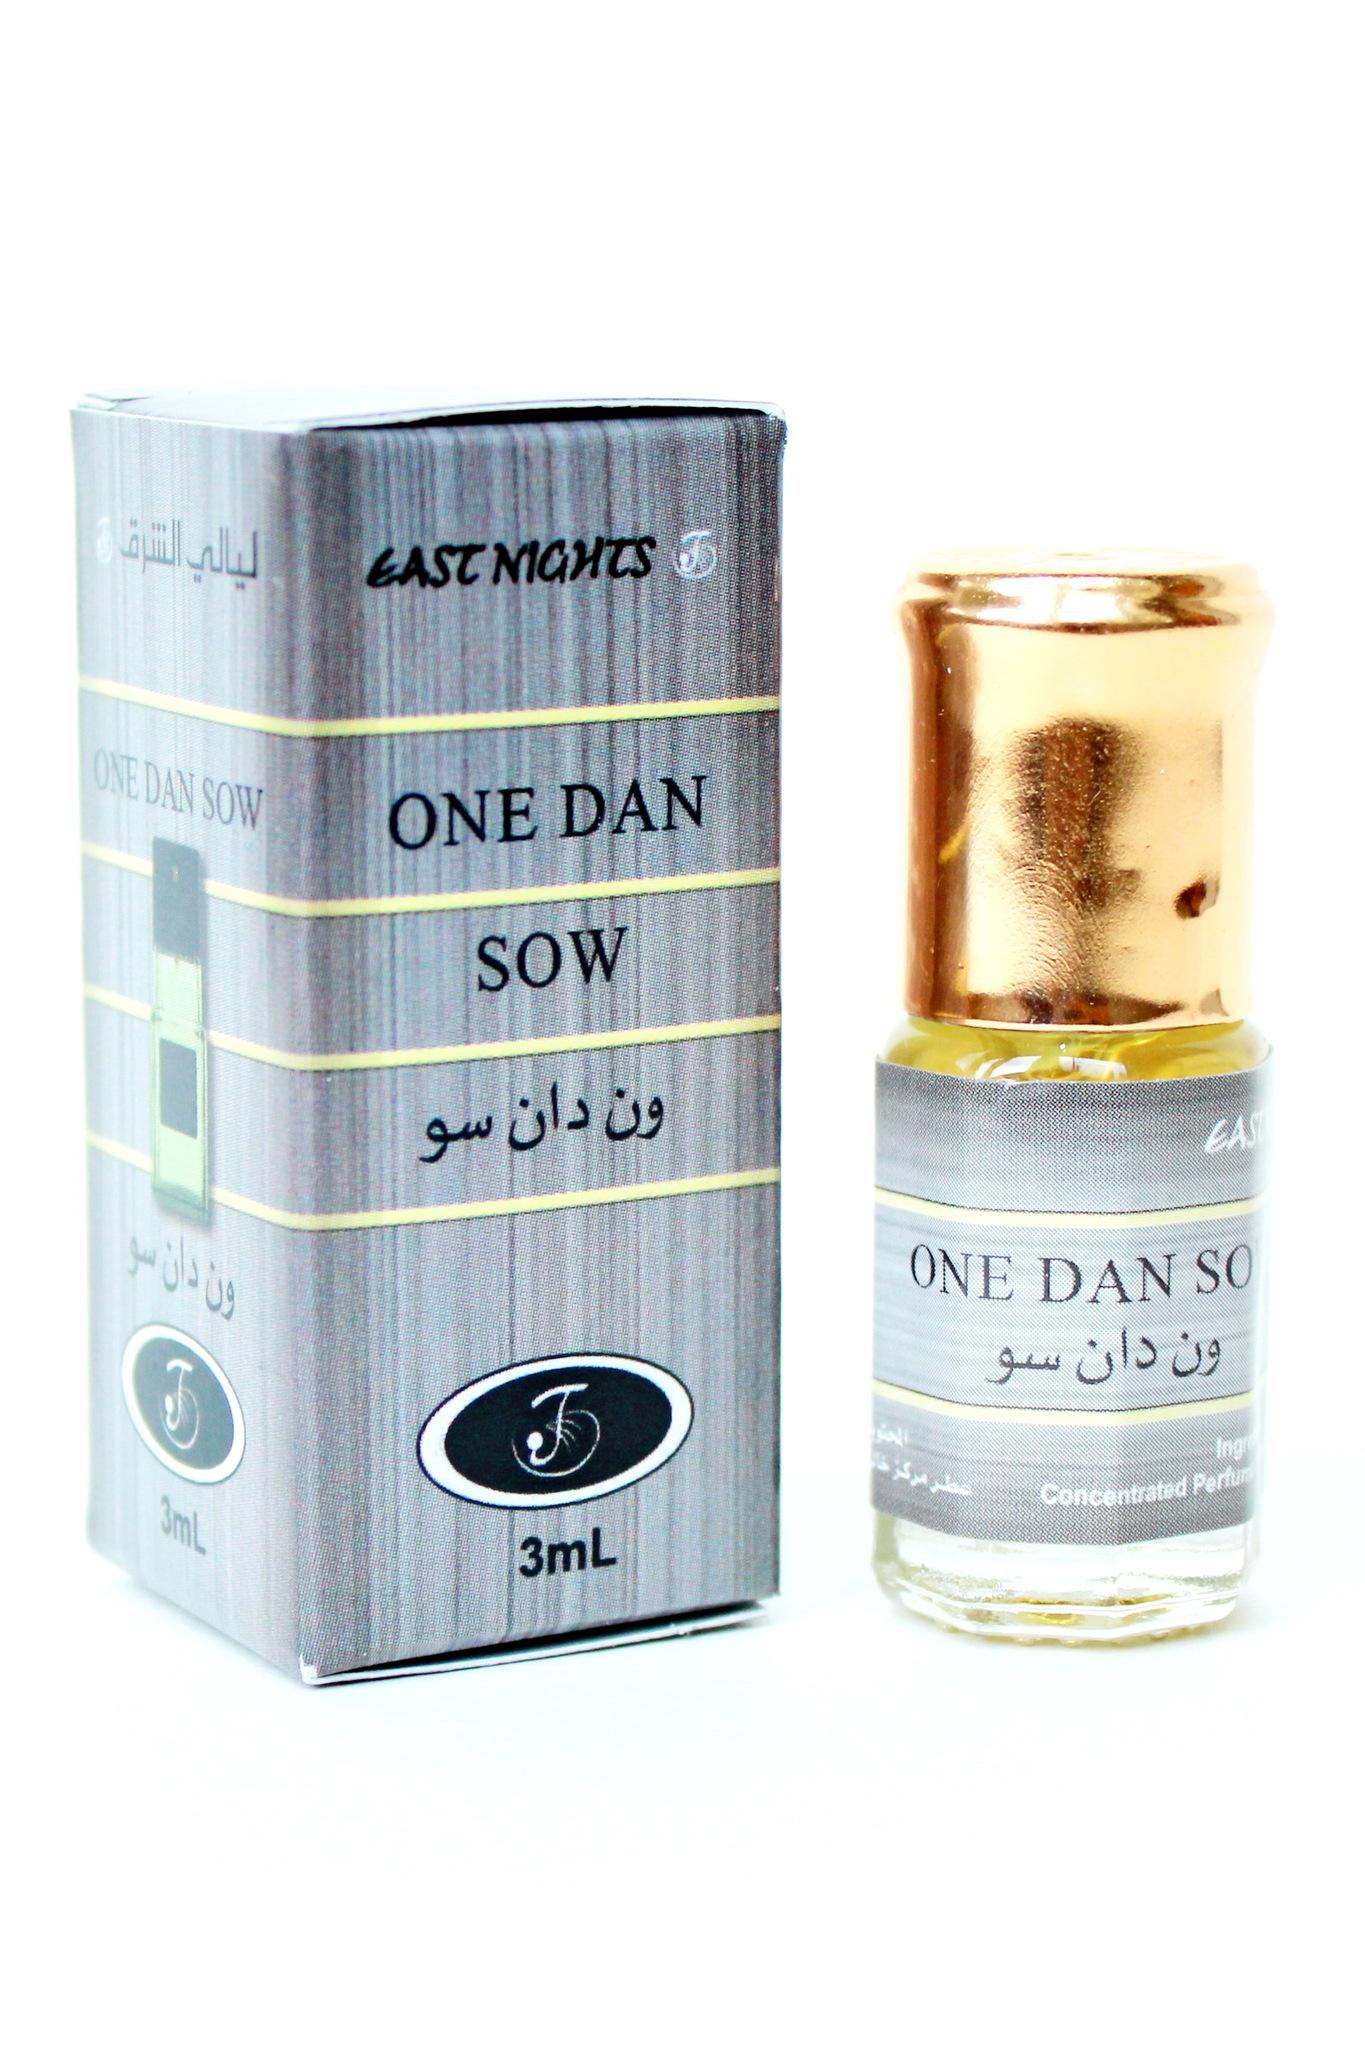 One Dan sow натуральные масляные духи «Султанша моего сердца» 3 мл